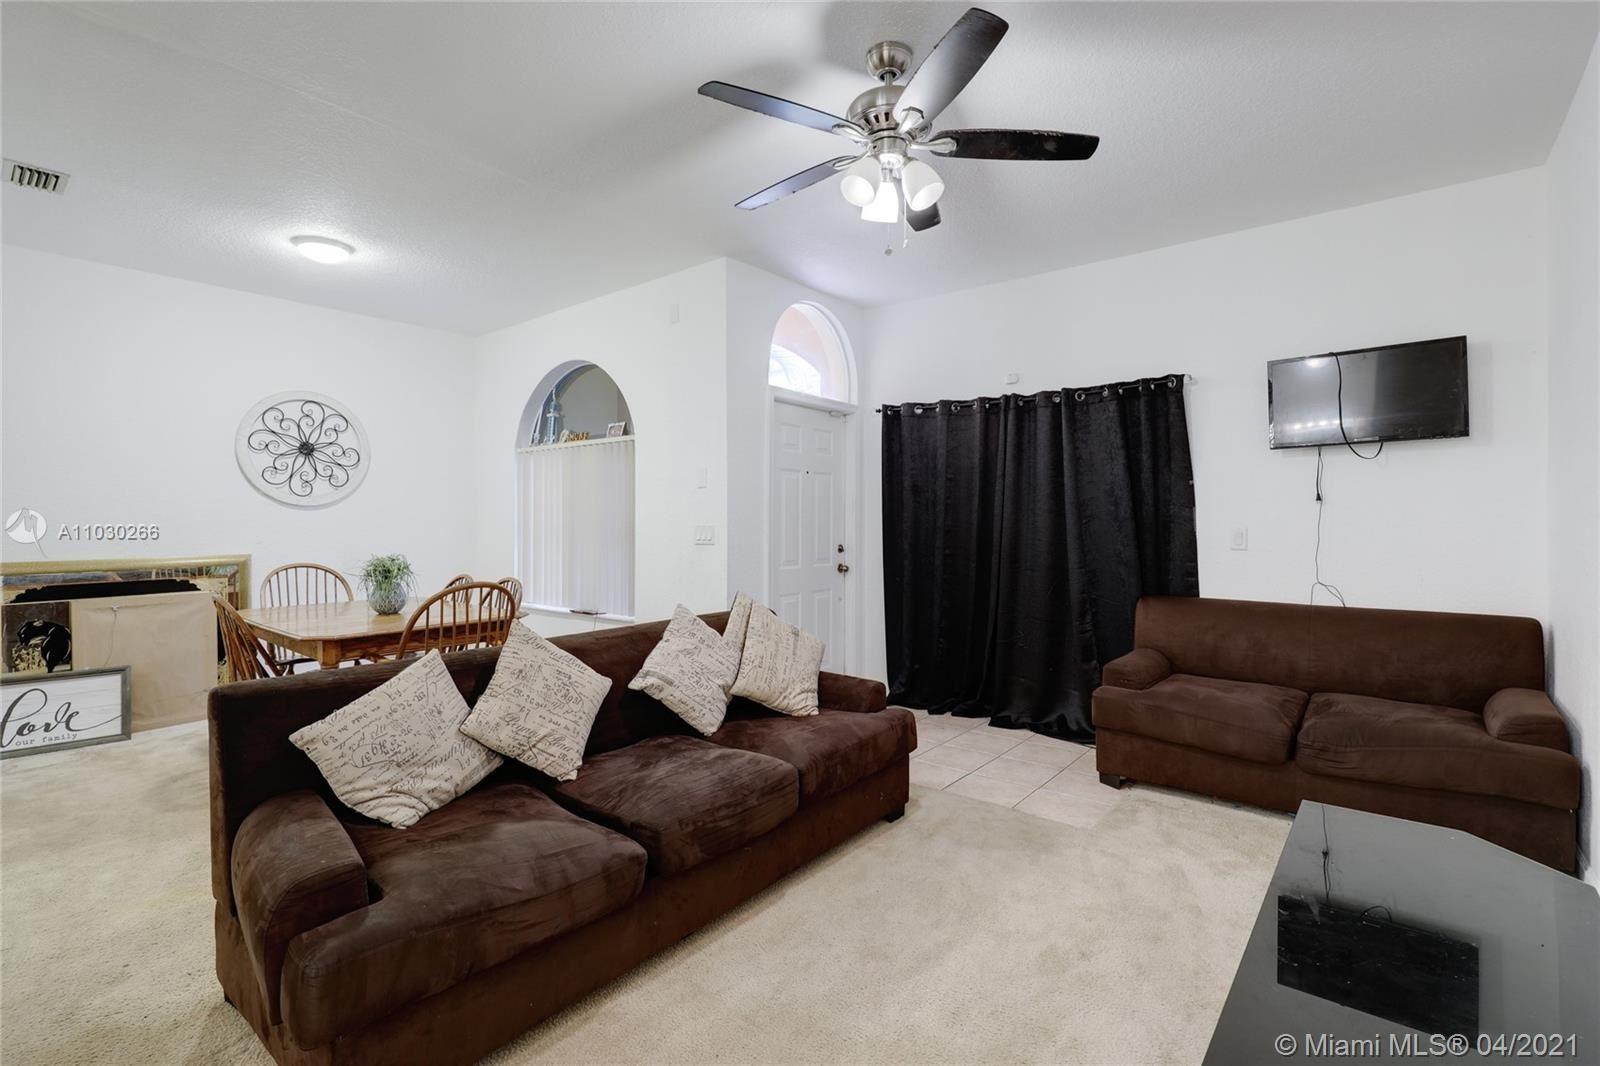 Photo of 1313 N Santa Catalina Cir, North Lauderdale, FL 33068 (MLS # A11030266)